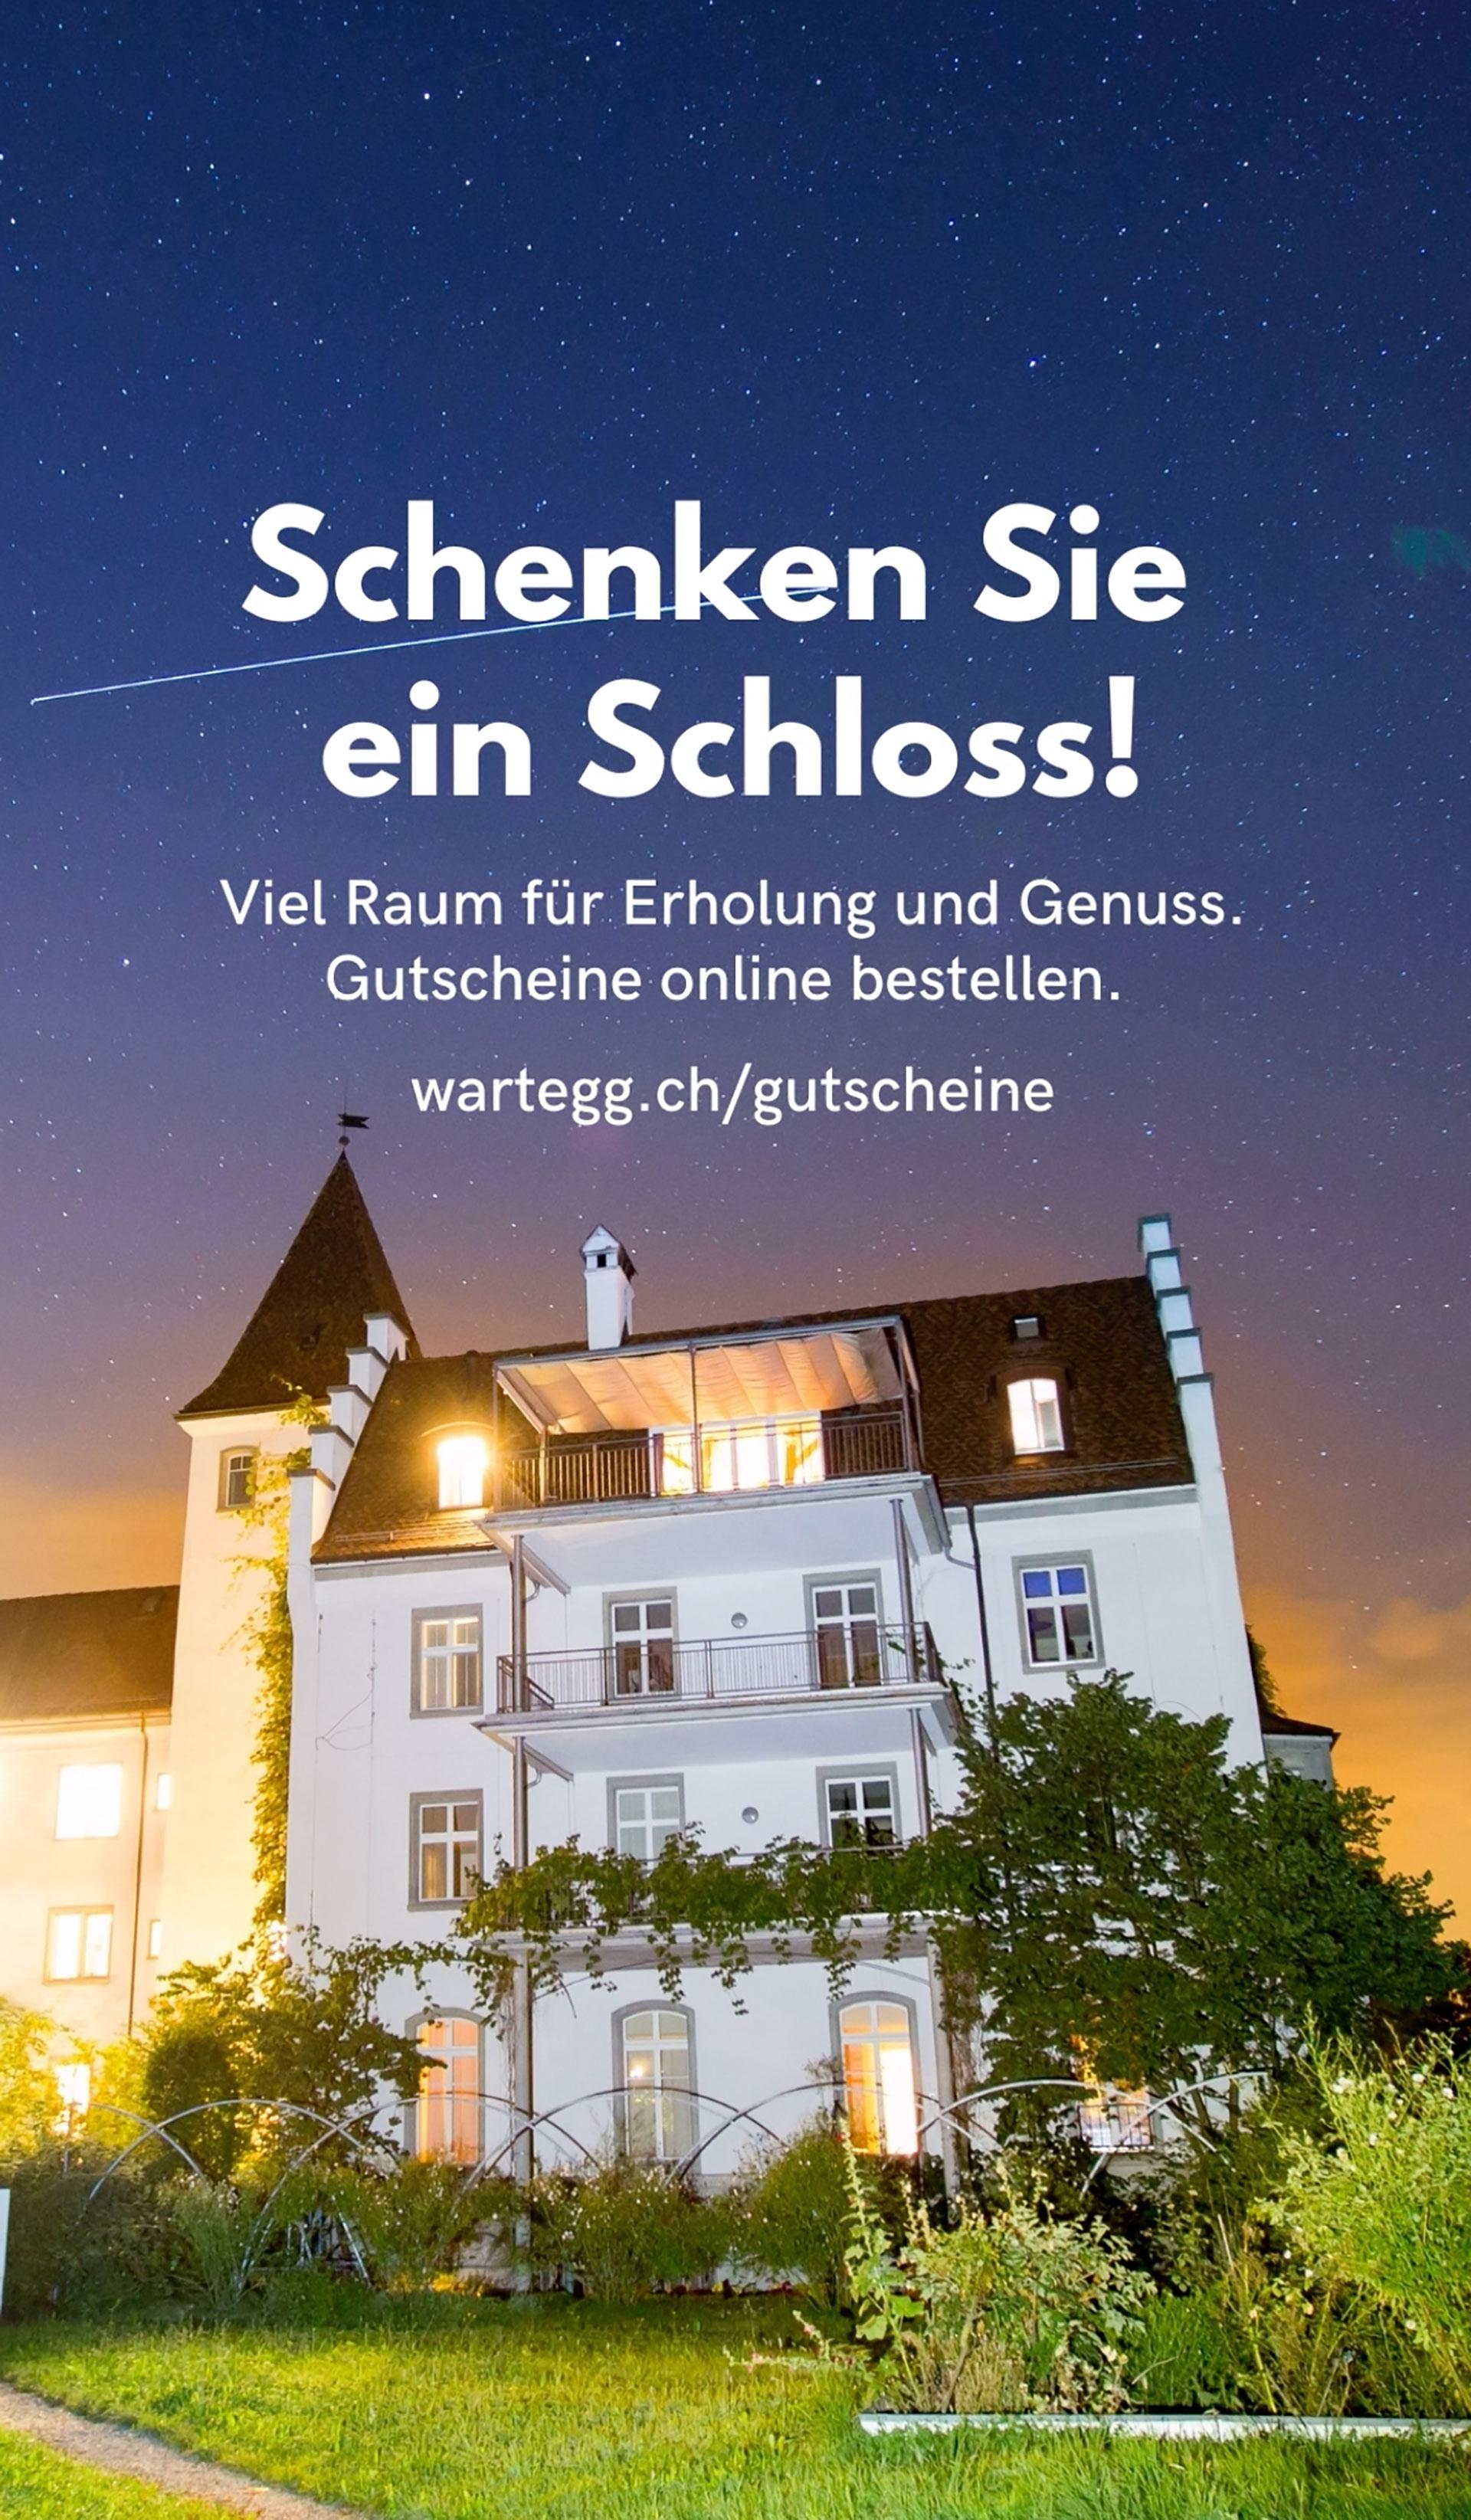 Kampagne_Gutscheine_Wartegg.jpg